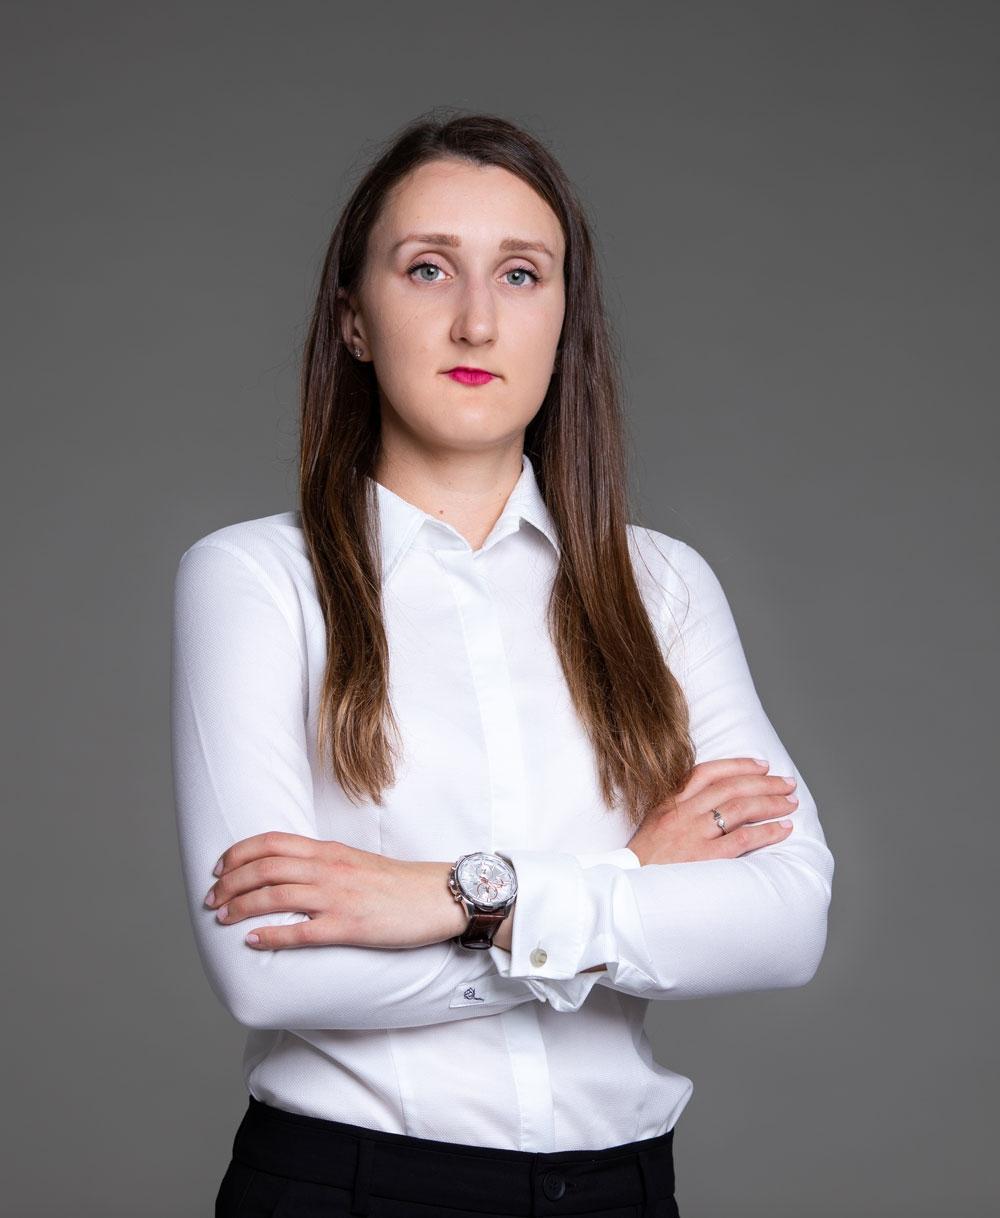 aplikant adwokacki Agnieszka Zabłocka